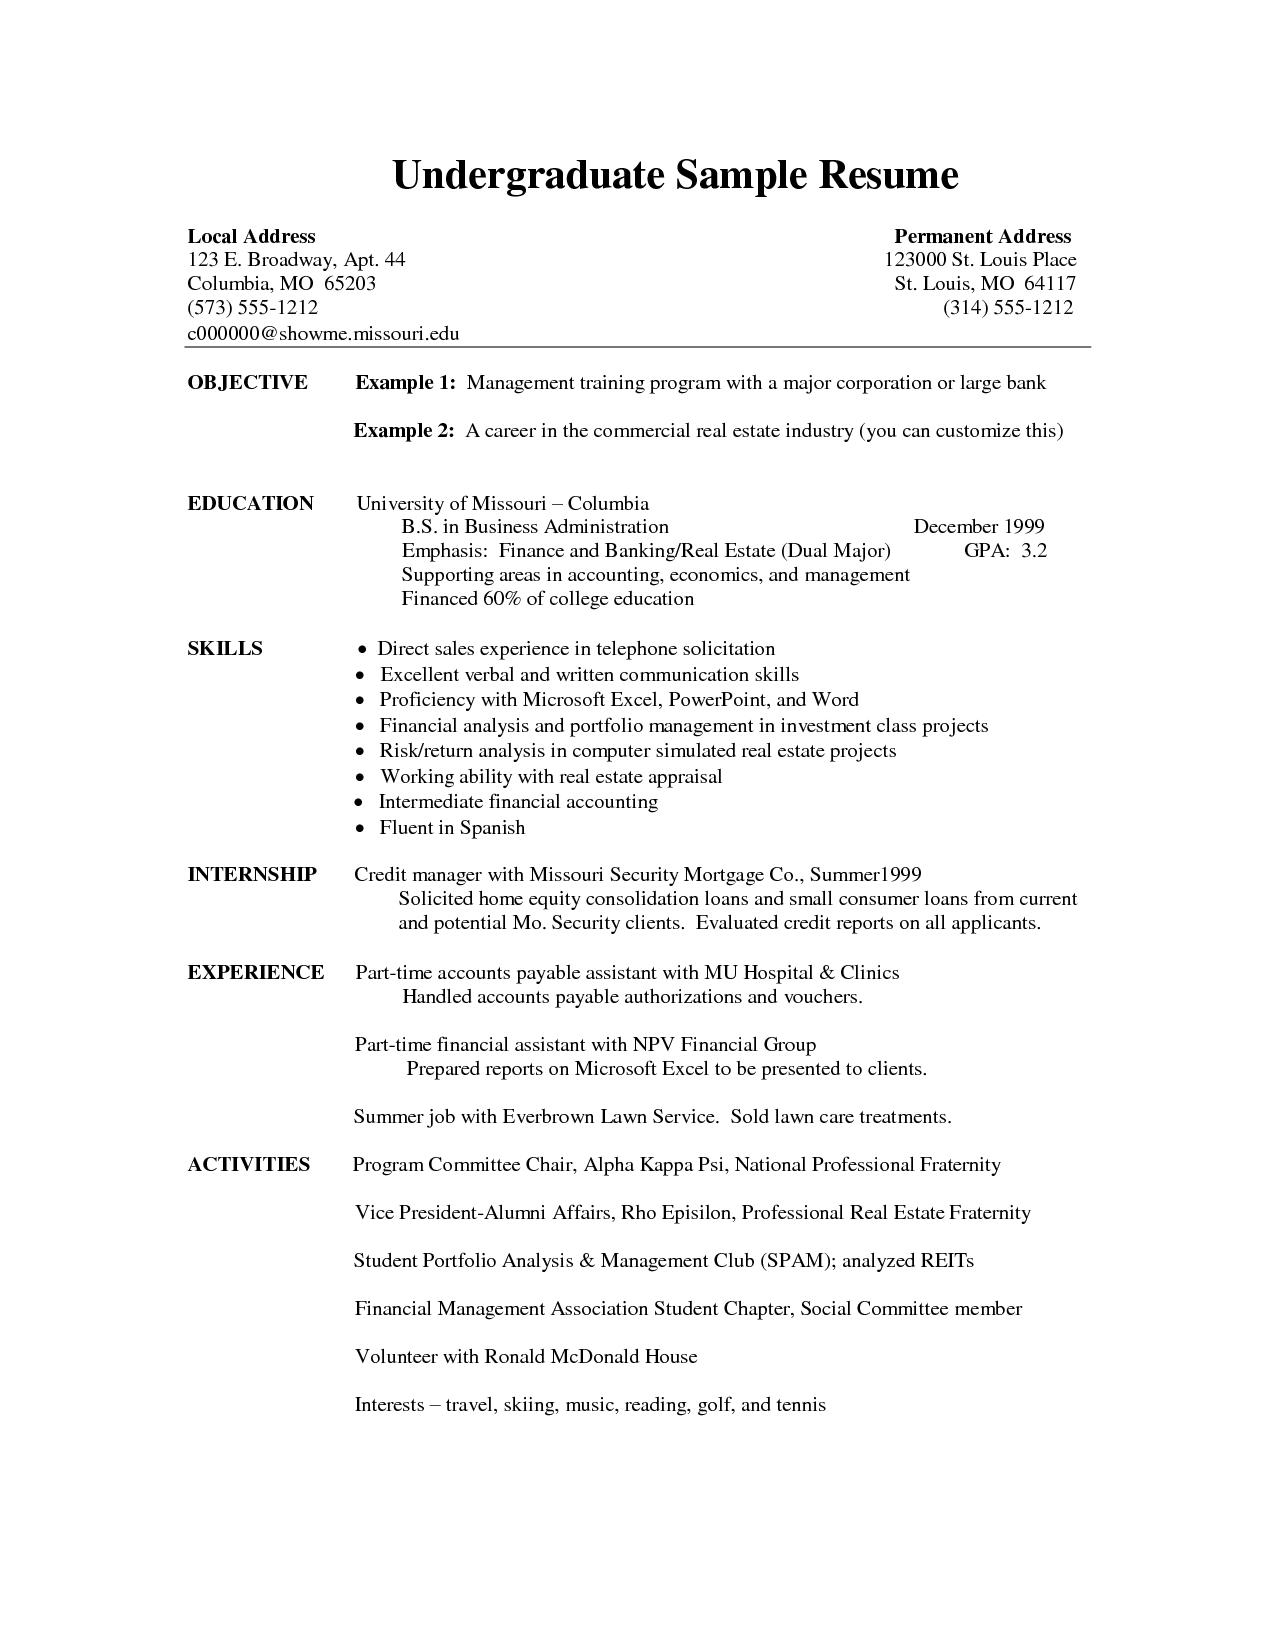 Resume Examples Undergraduate